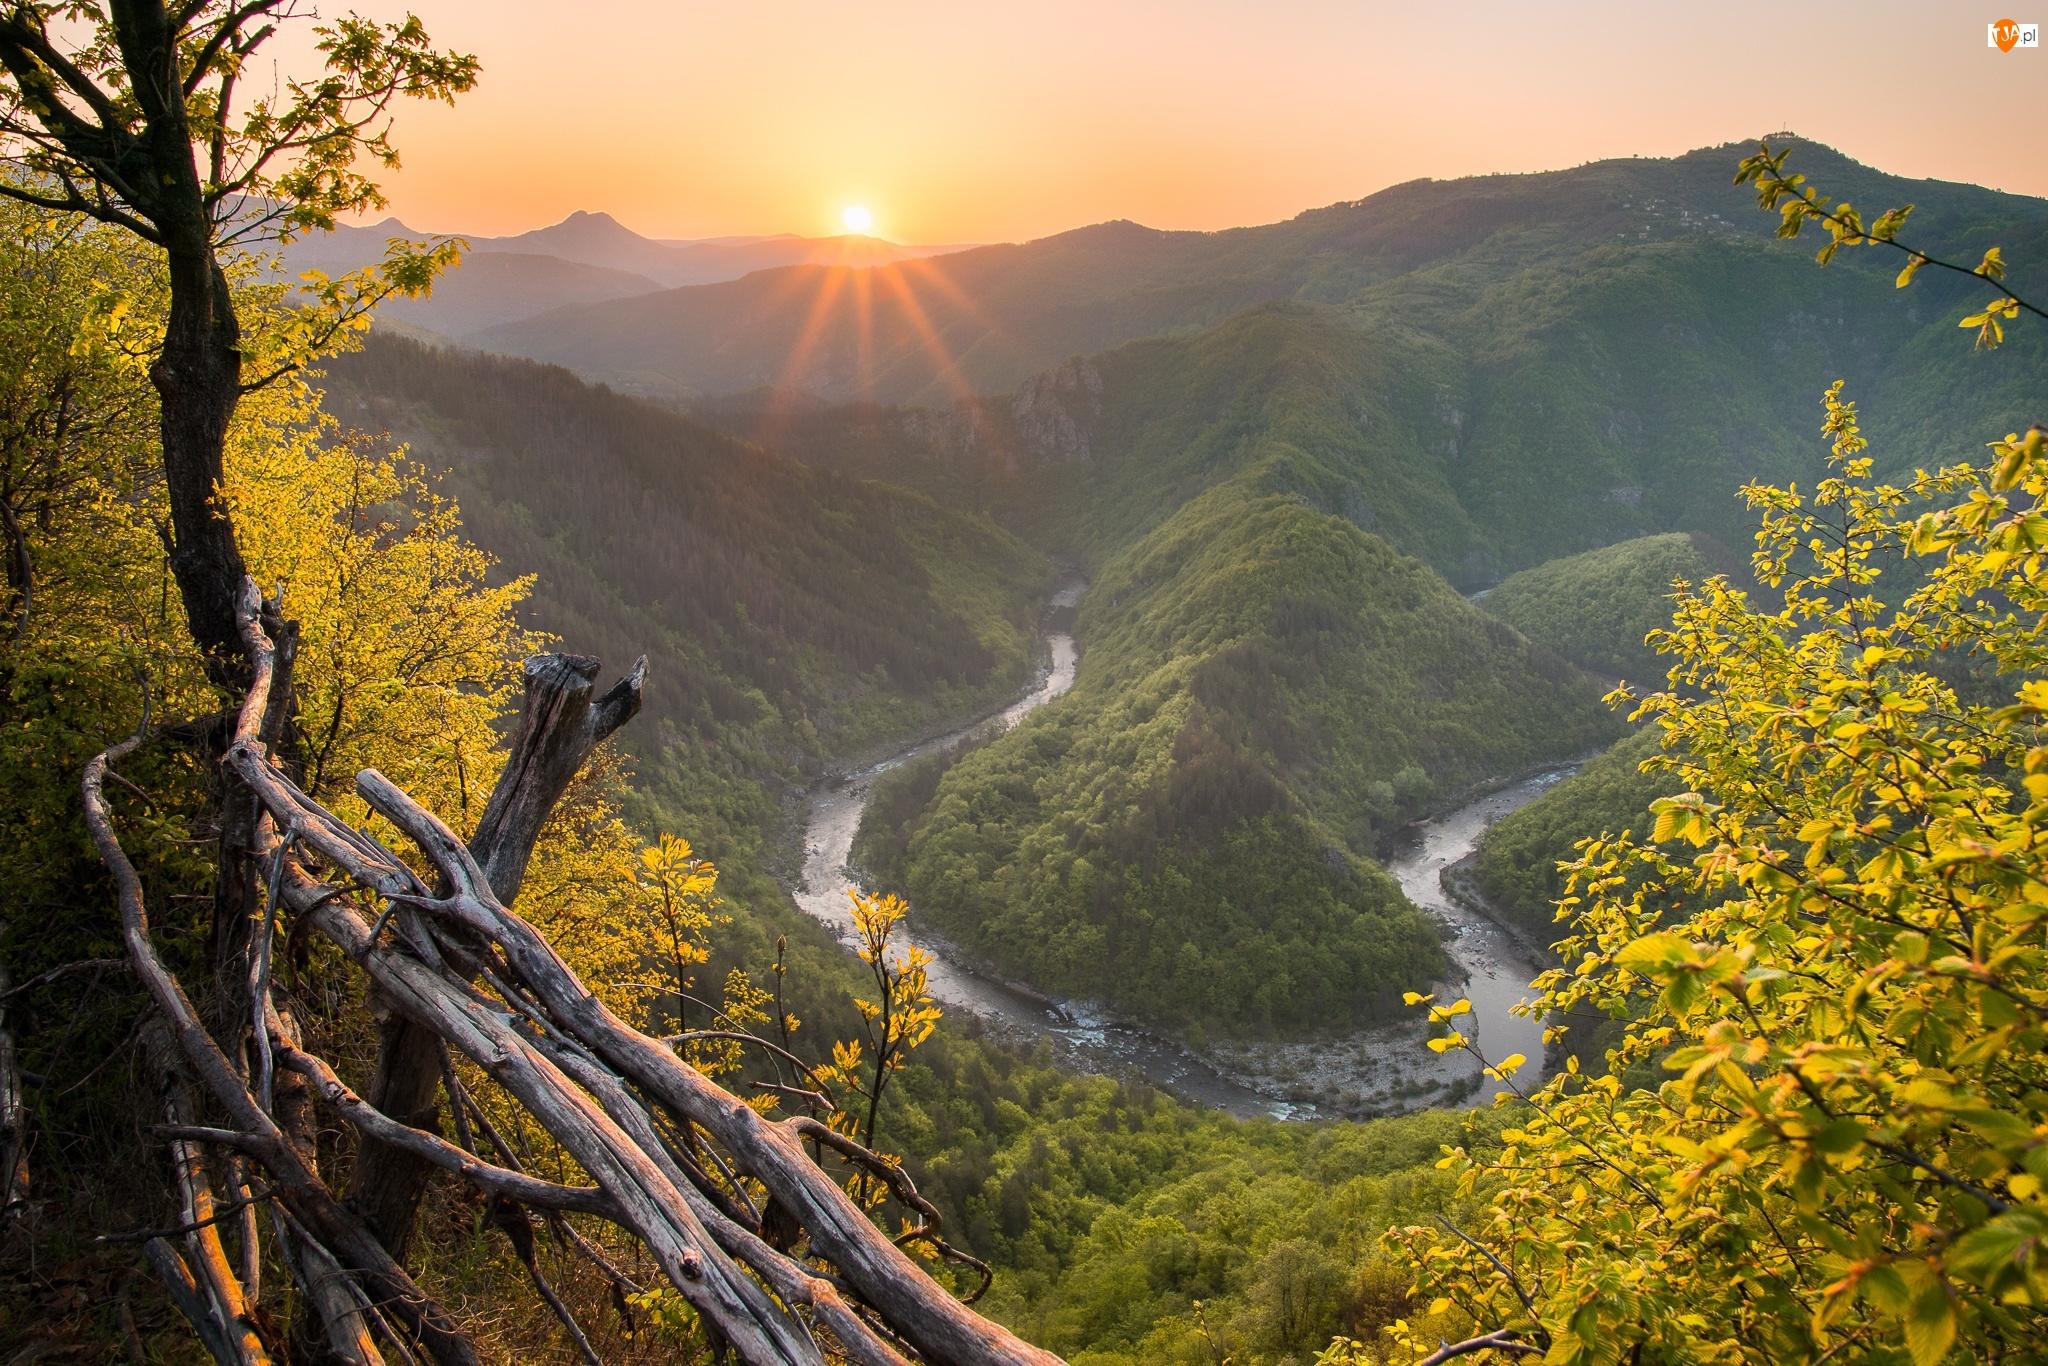 Rzeka Arda, Góry Rodopy, Drzewa, Bułgaria, Zakole, Promienie słońca